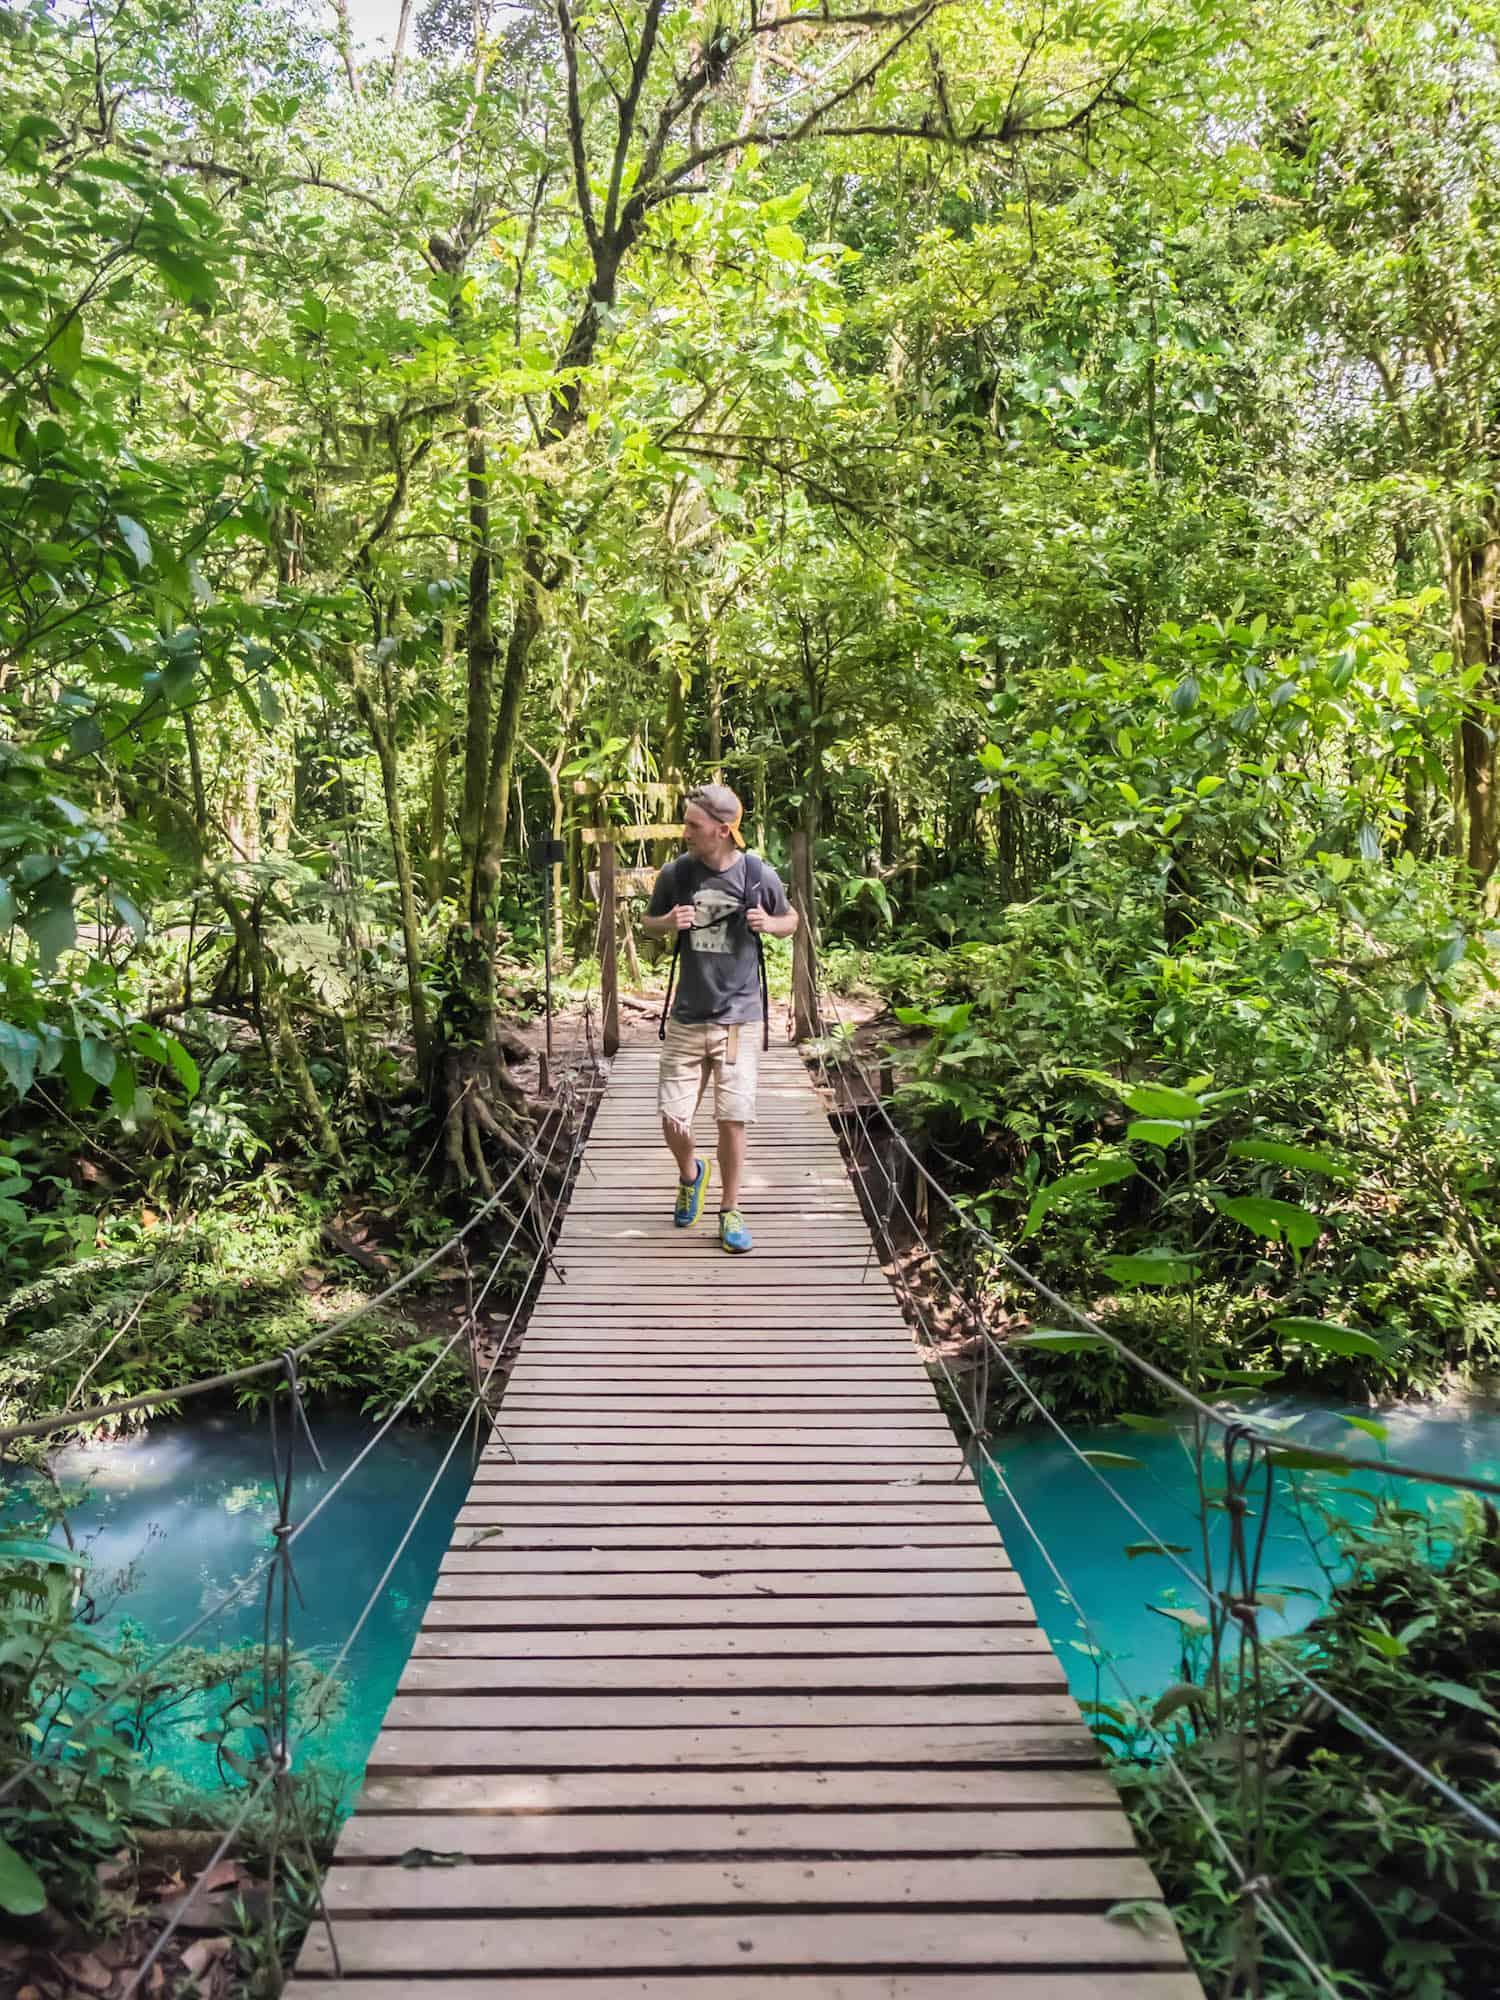 Travel in Costa Rica - Cameron Seagle